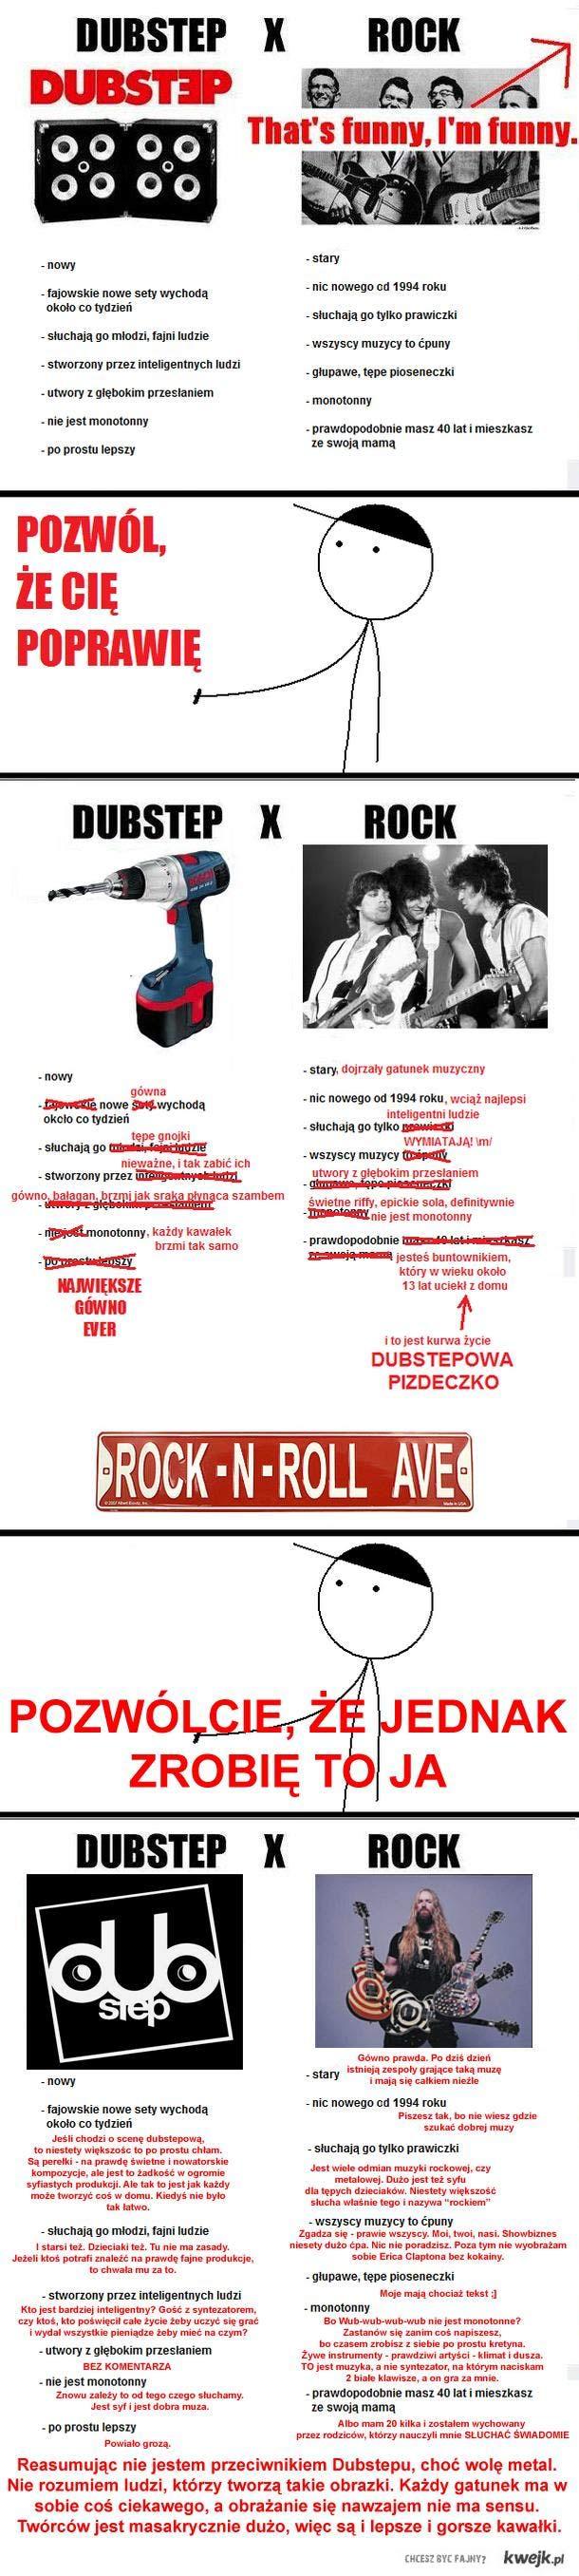 Dubstep VS Rock